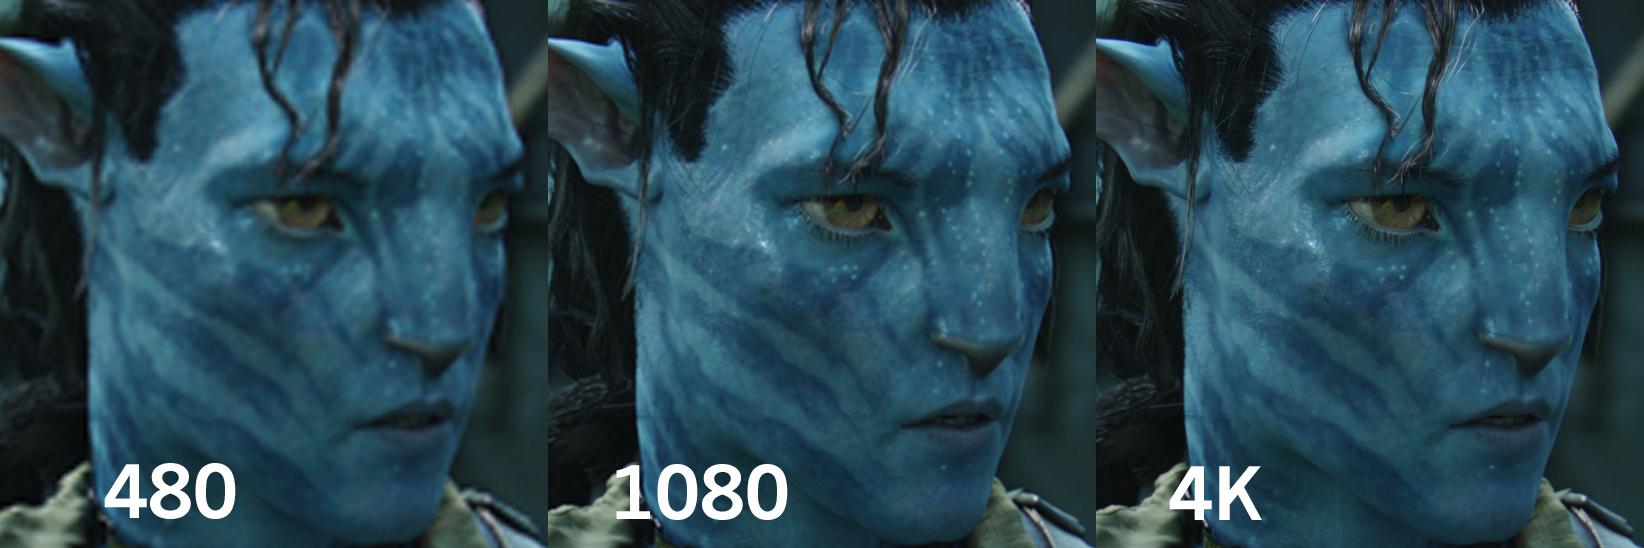 HD фильмы 720p 1080p  Скачать фильмы бесплатно без